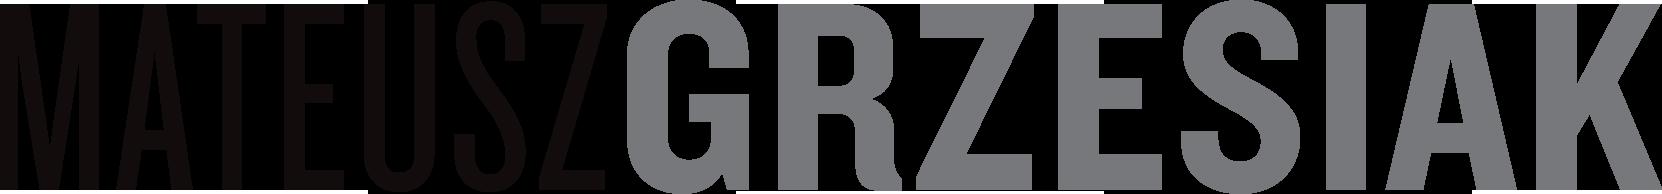 logo_mateuszgrzesiak